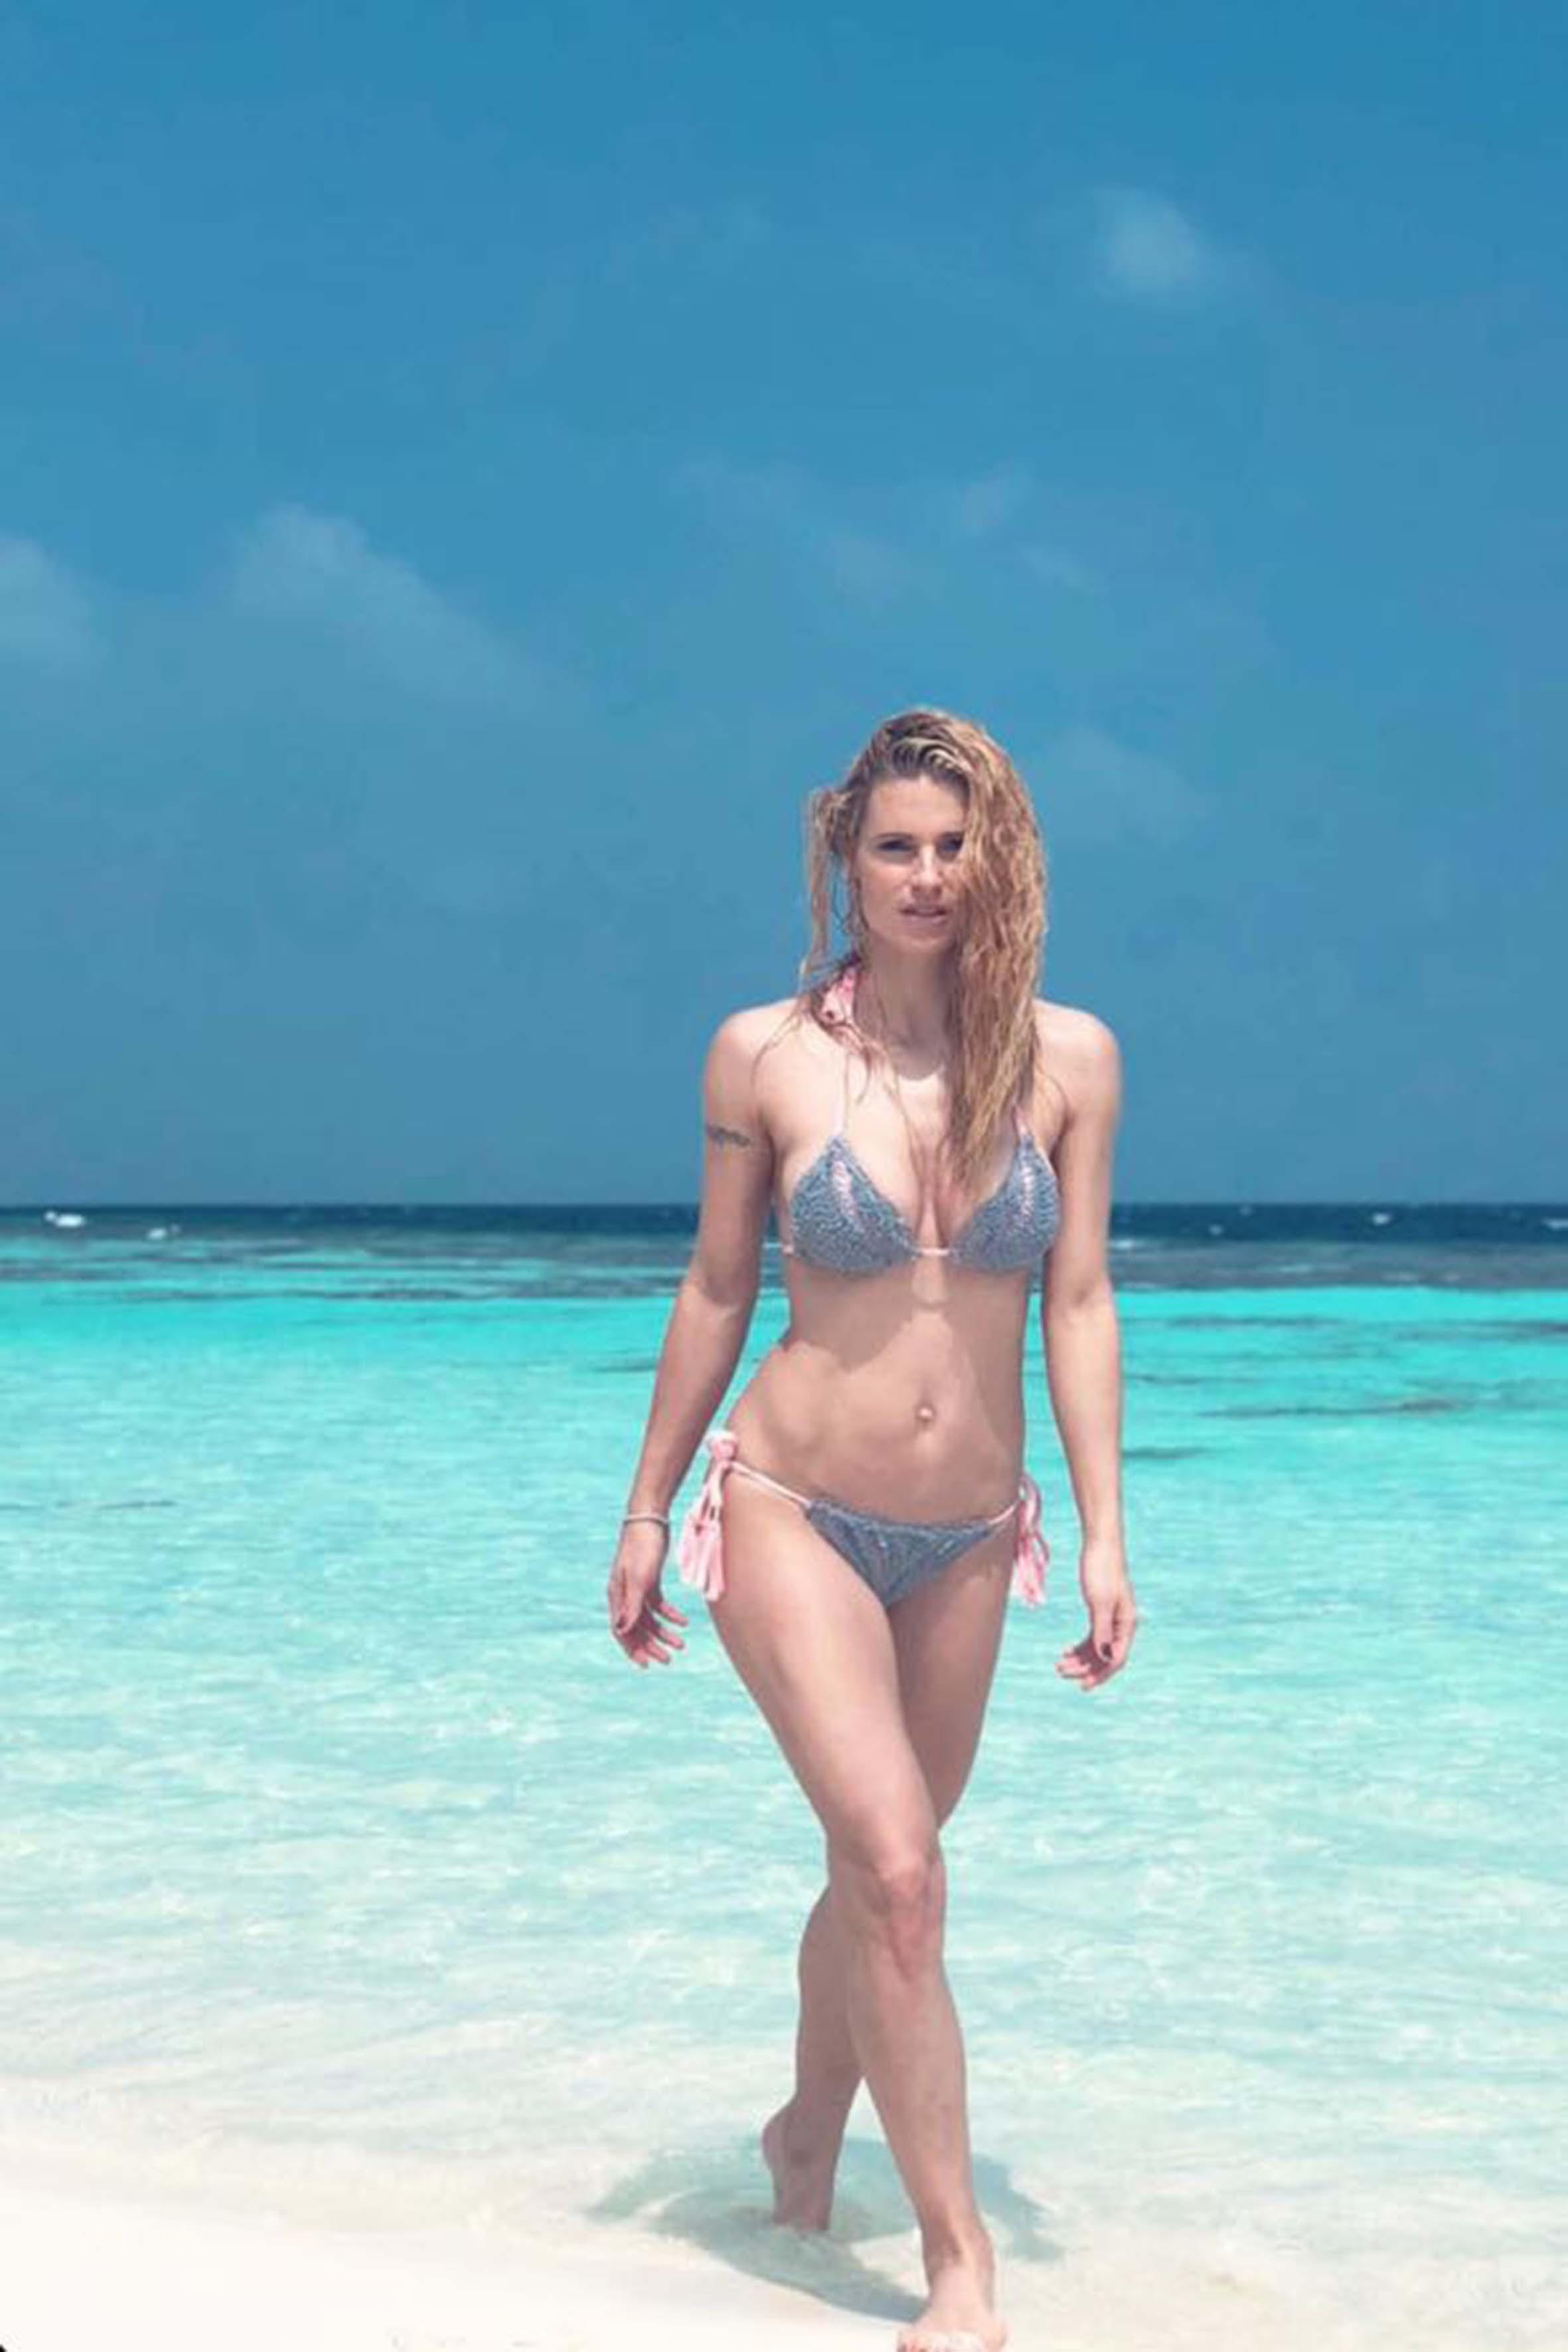 """Michelle Hunziker posa per uno scatto molto sensuale sulla sabbia cristallina delle Maldive. La conduttrice e il marito Tomaso stanno provando ad avere un altro figlio. """"Sole desidera tanto un fratellino per Natale e io ho spiegato che non è una cosa così veloce, ci vuole tempo"""" ha rivelato Mich in un'intervista"""